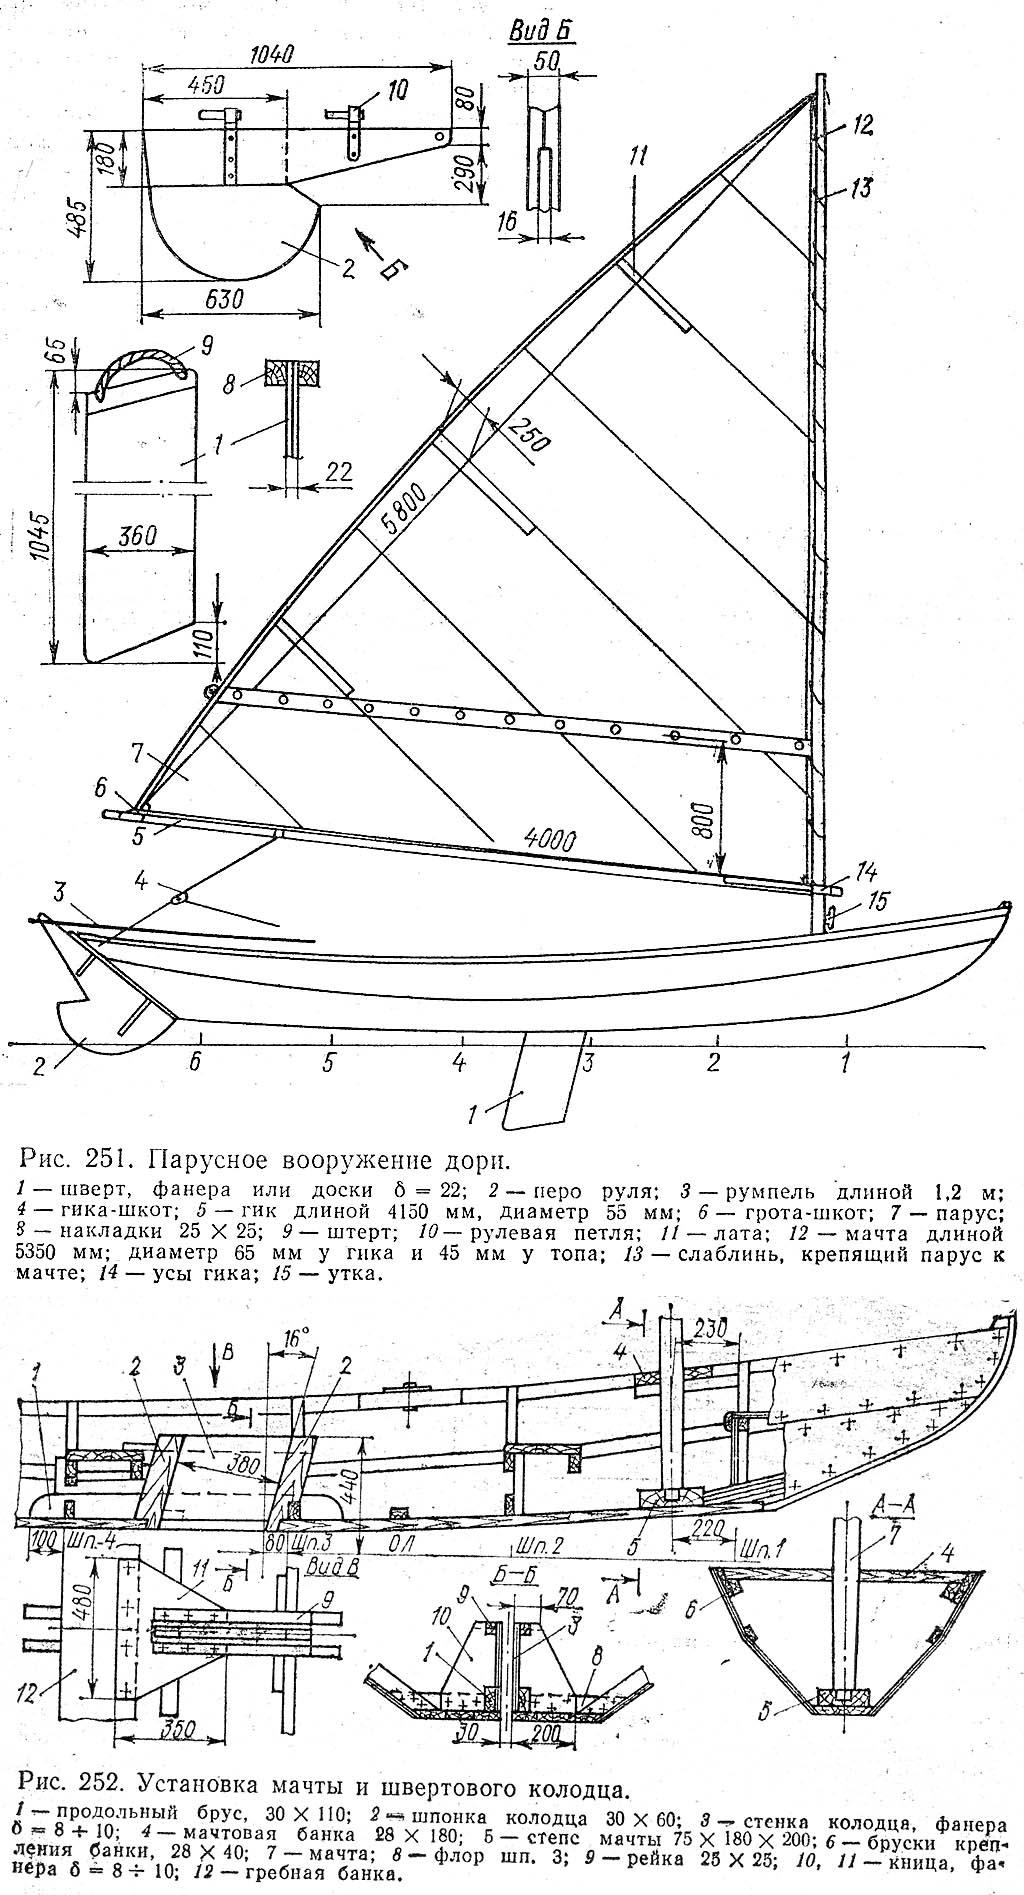 чертежи катера чертежи лодки marinaut 215